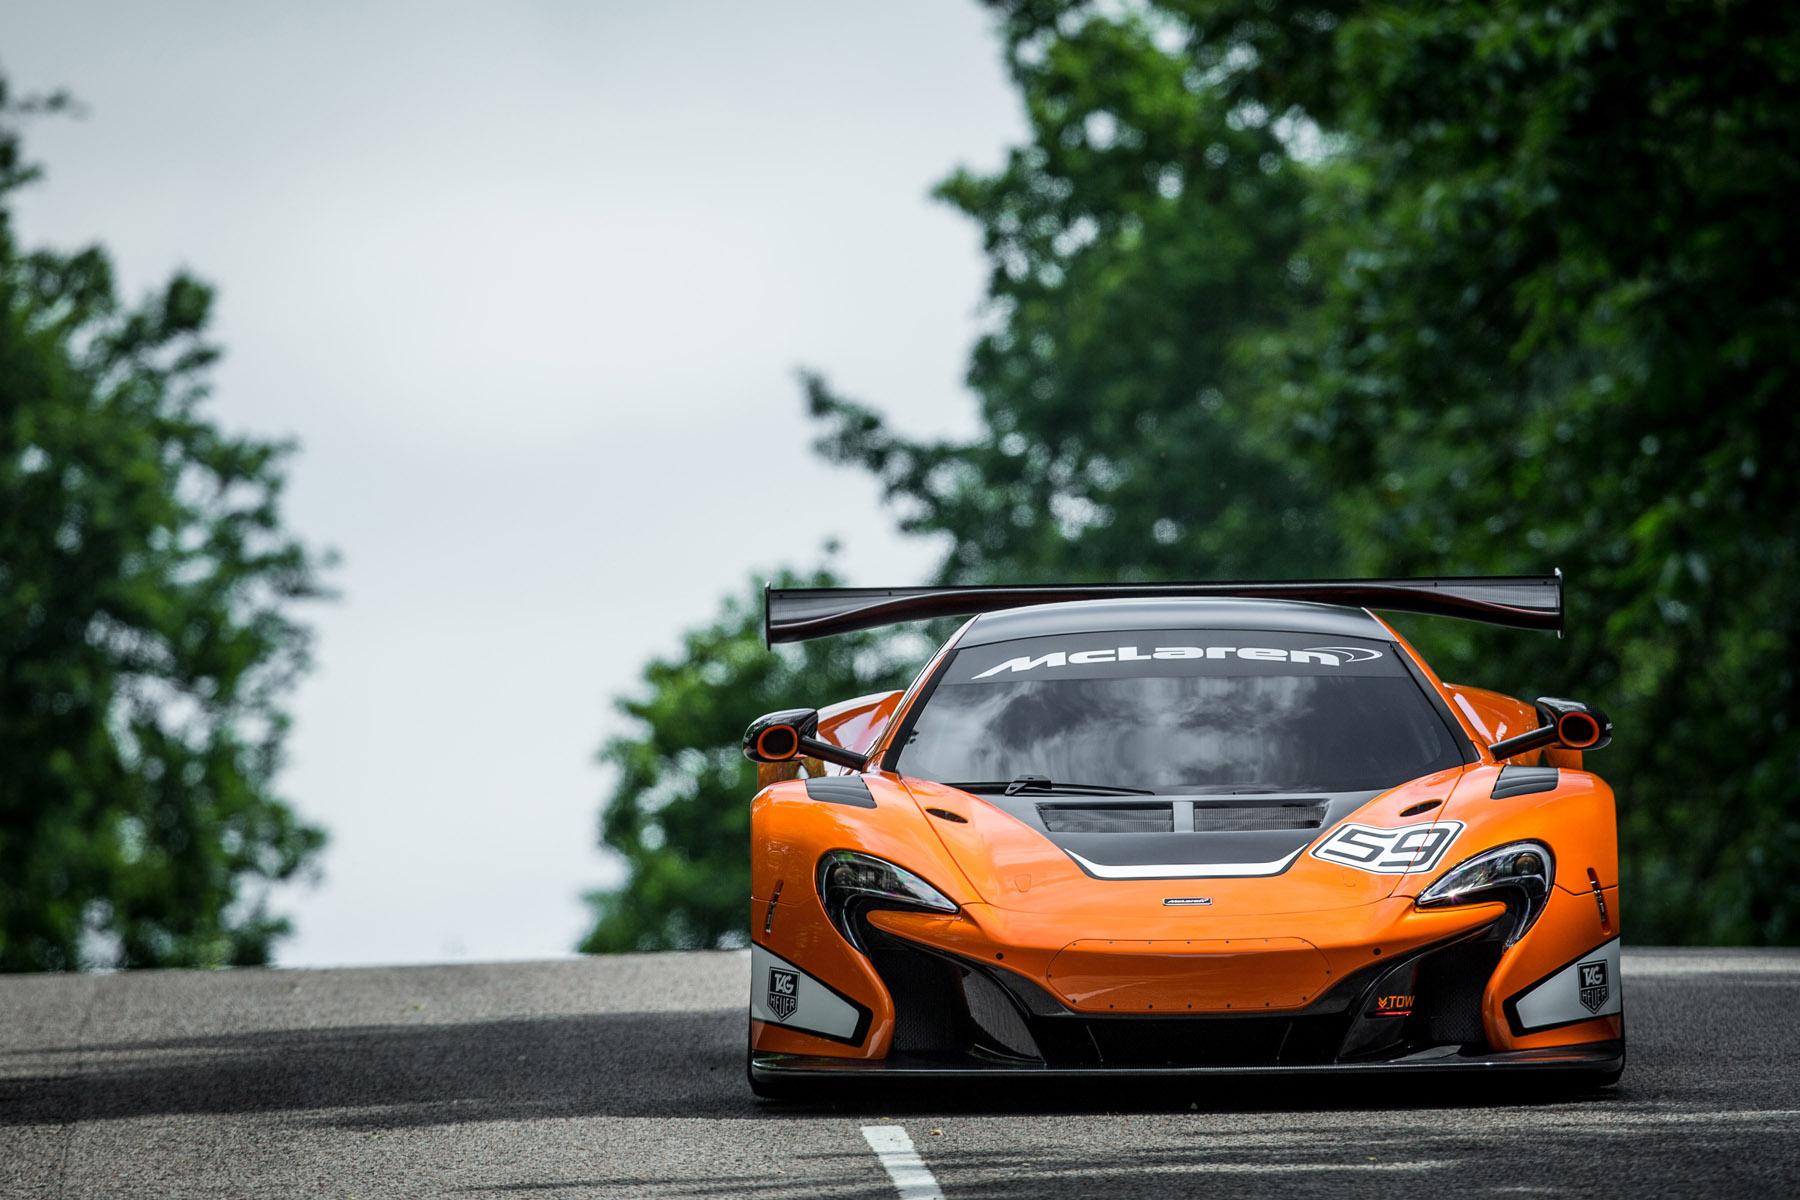 2015 McLaren 650S GT3